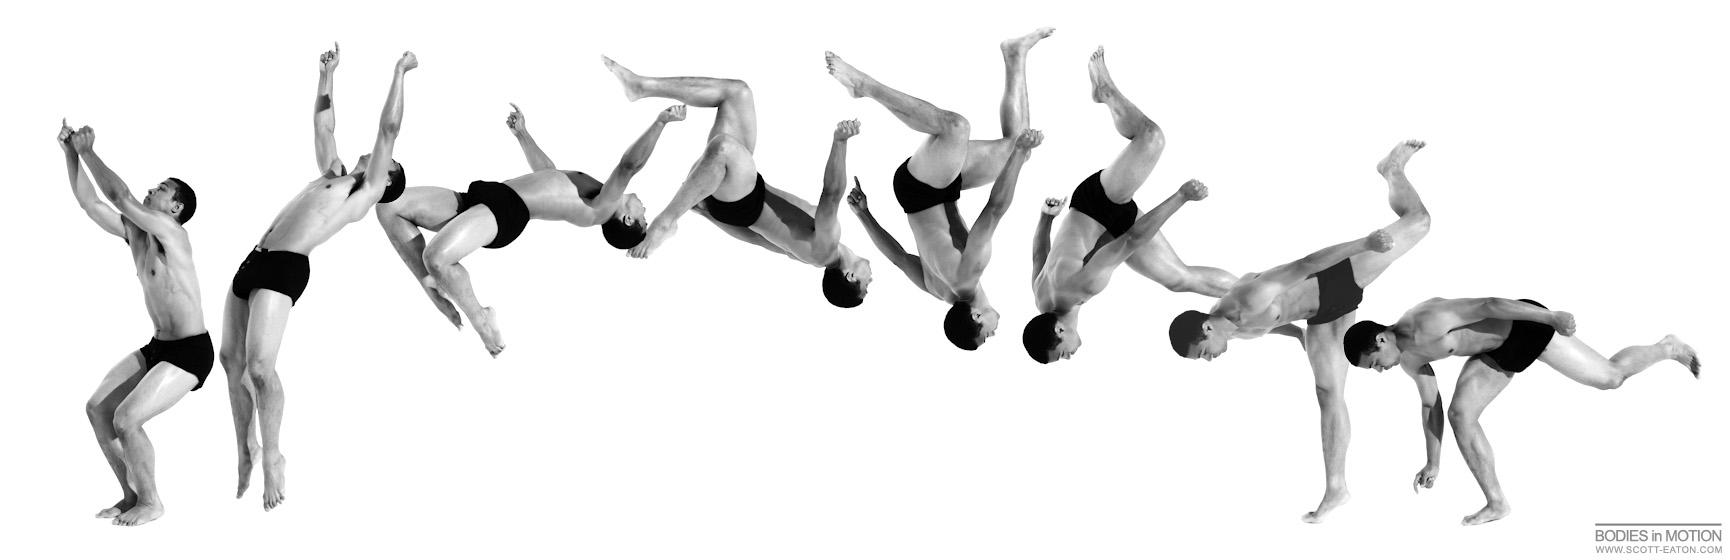 Drawn figurine motion » Scott resources: Online Artists